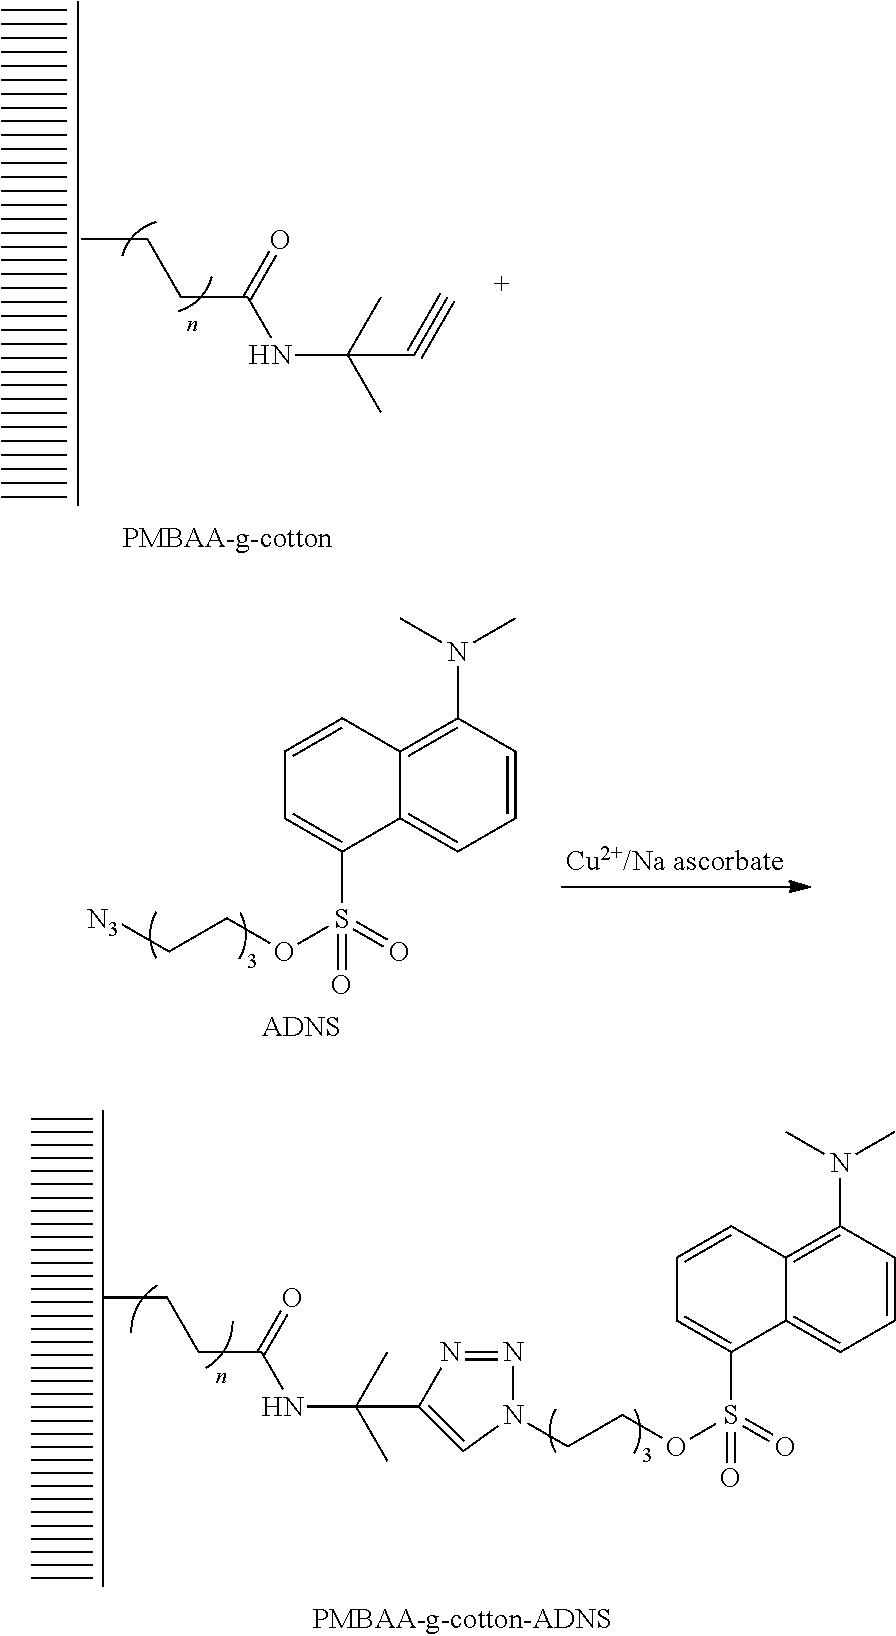 Figure US20150118179A1-20150430-C00051